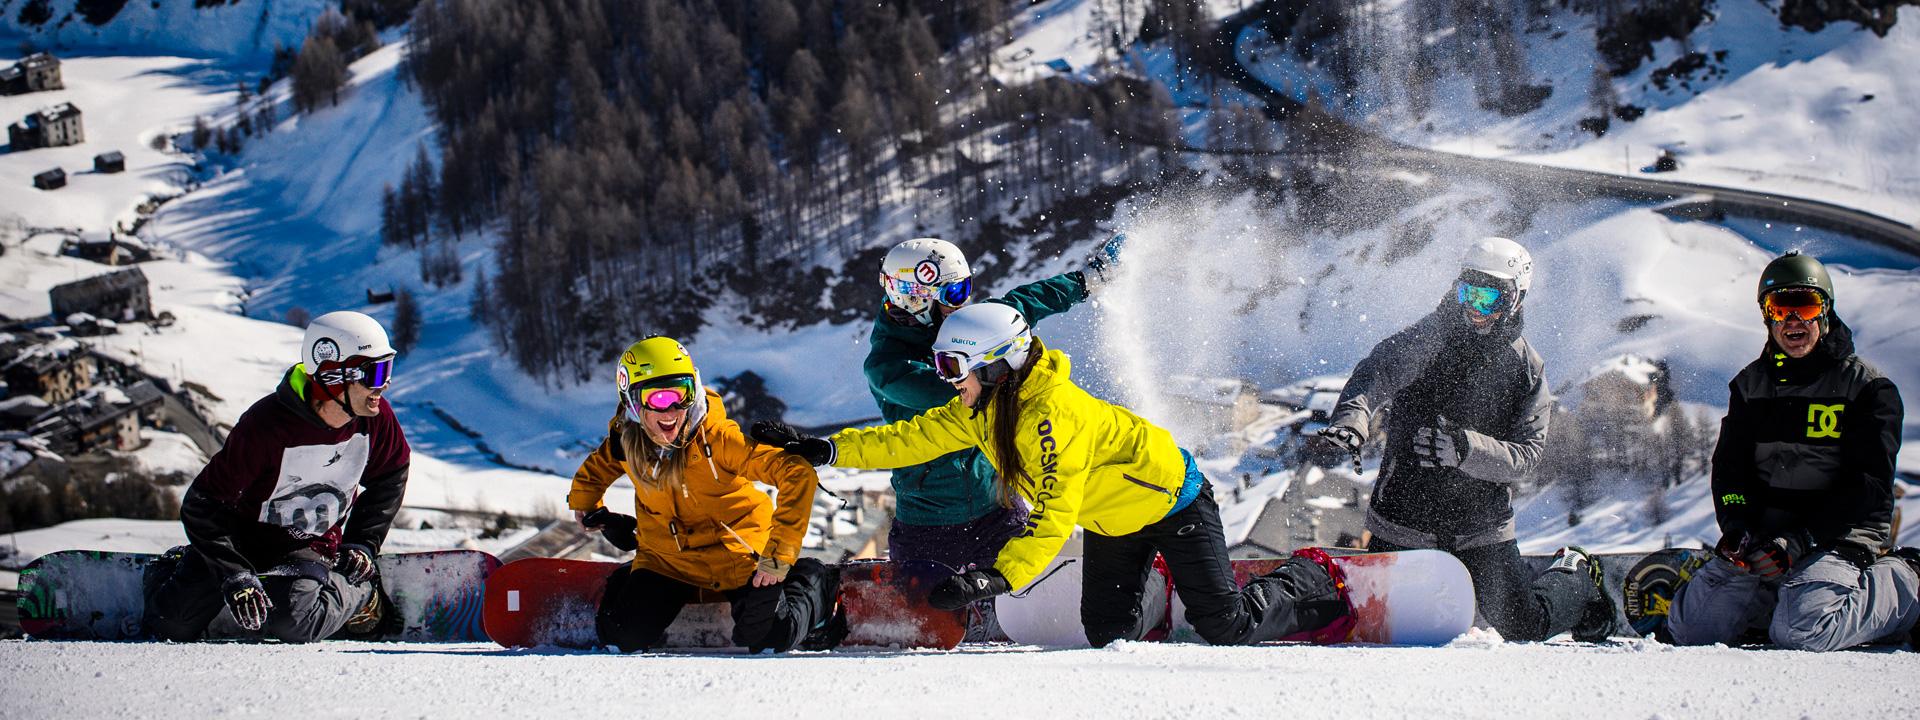 Gruppo di amici divertiti sulle piste della ski area Mottolino a Livigno